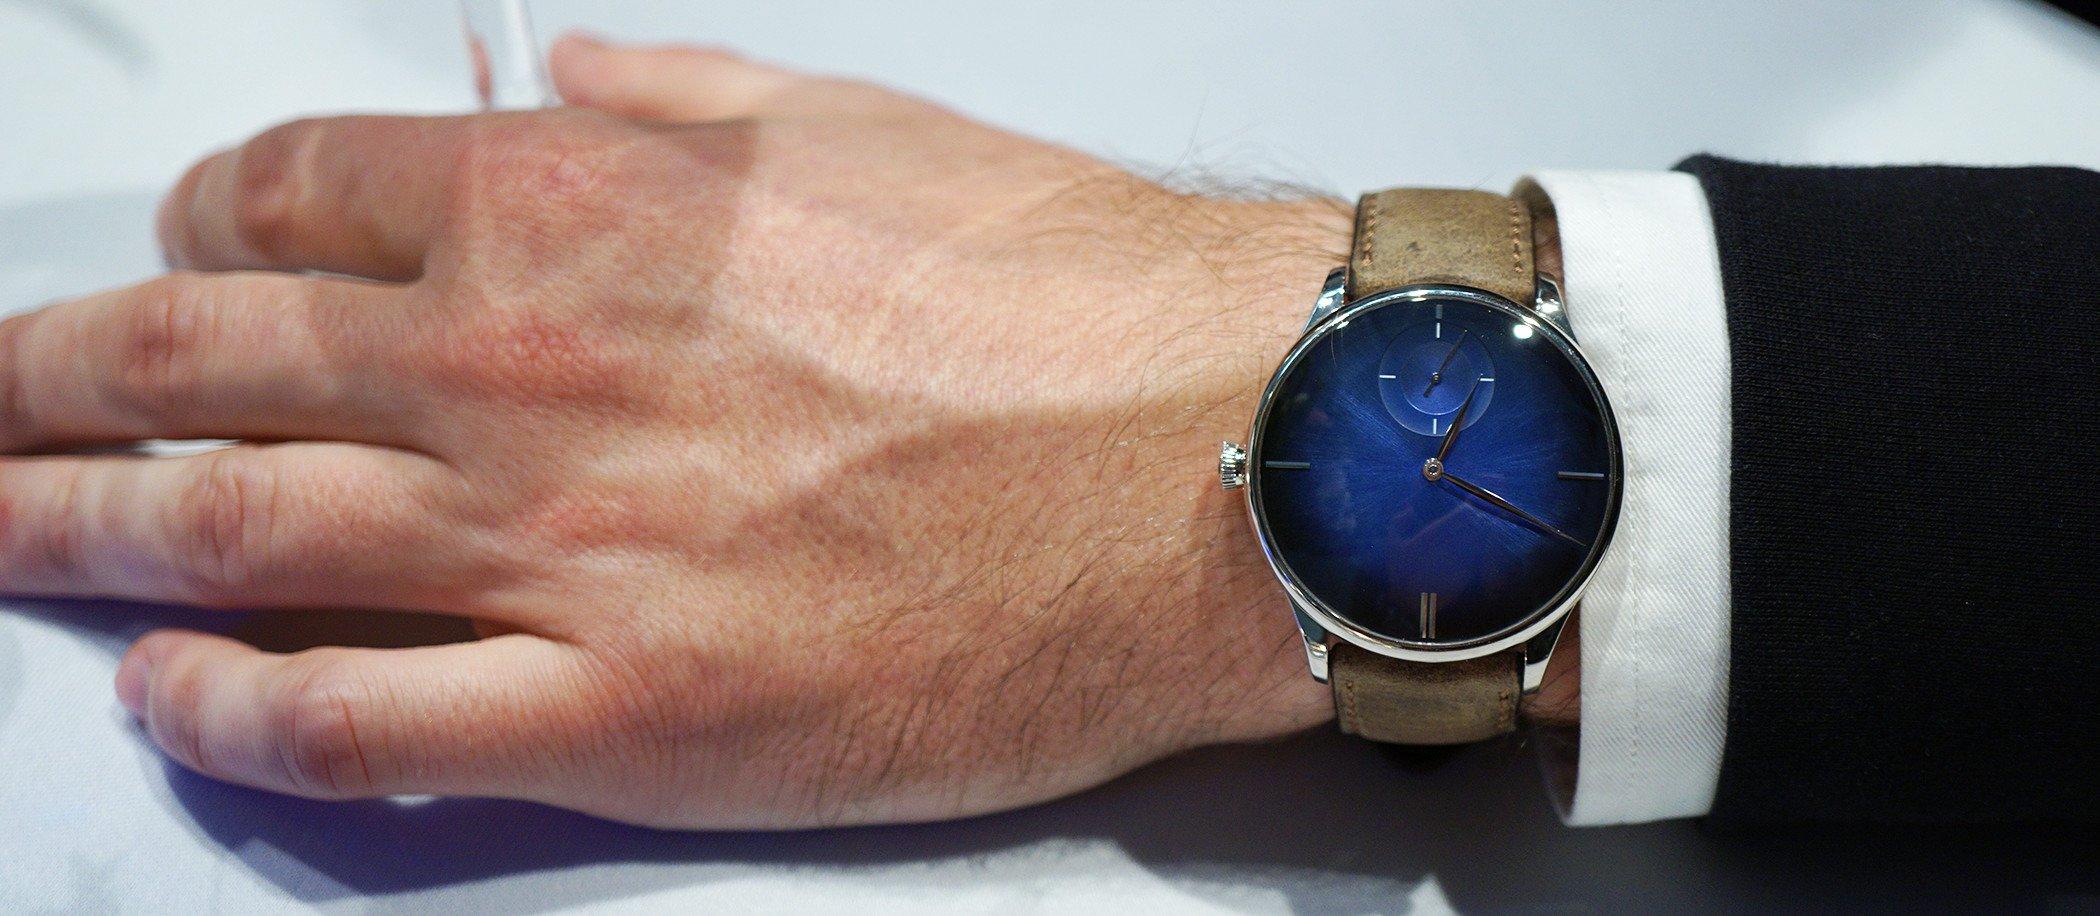 H. Moser & Cie. Venturer Small Seconds XL